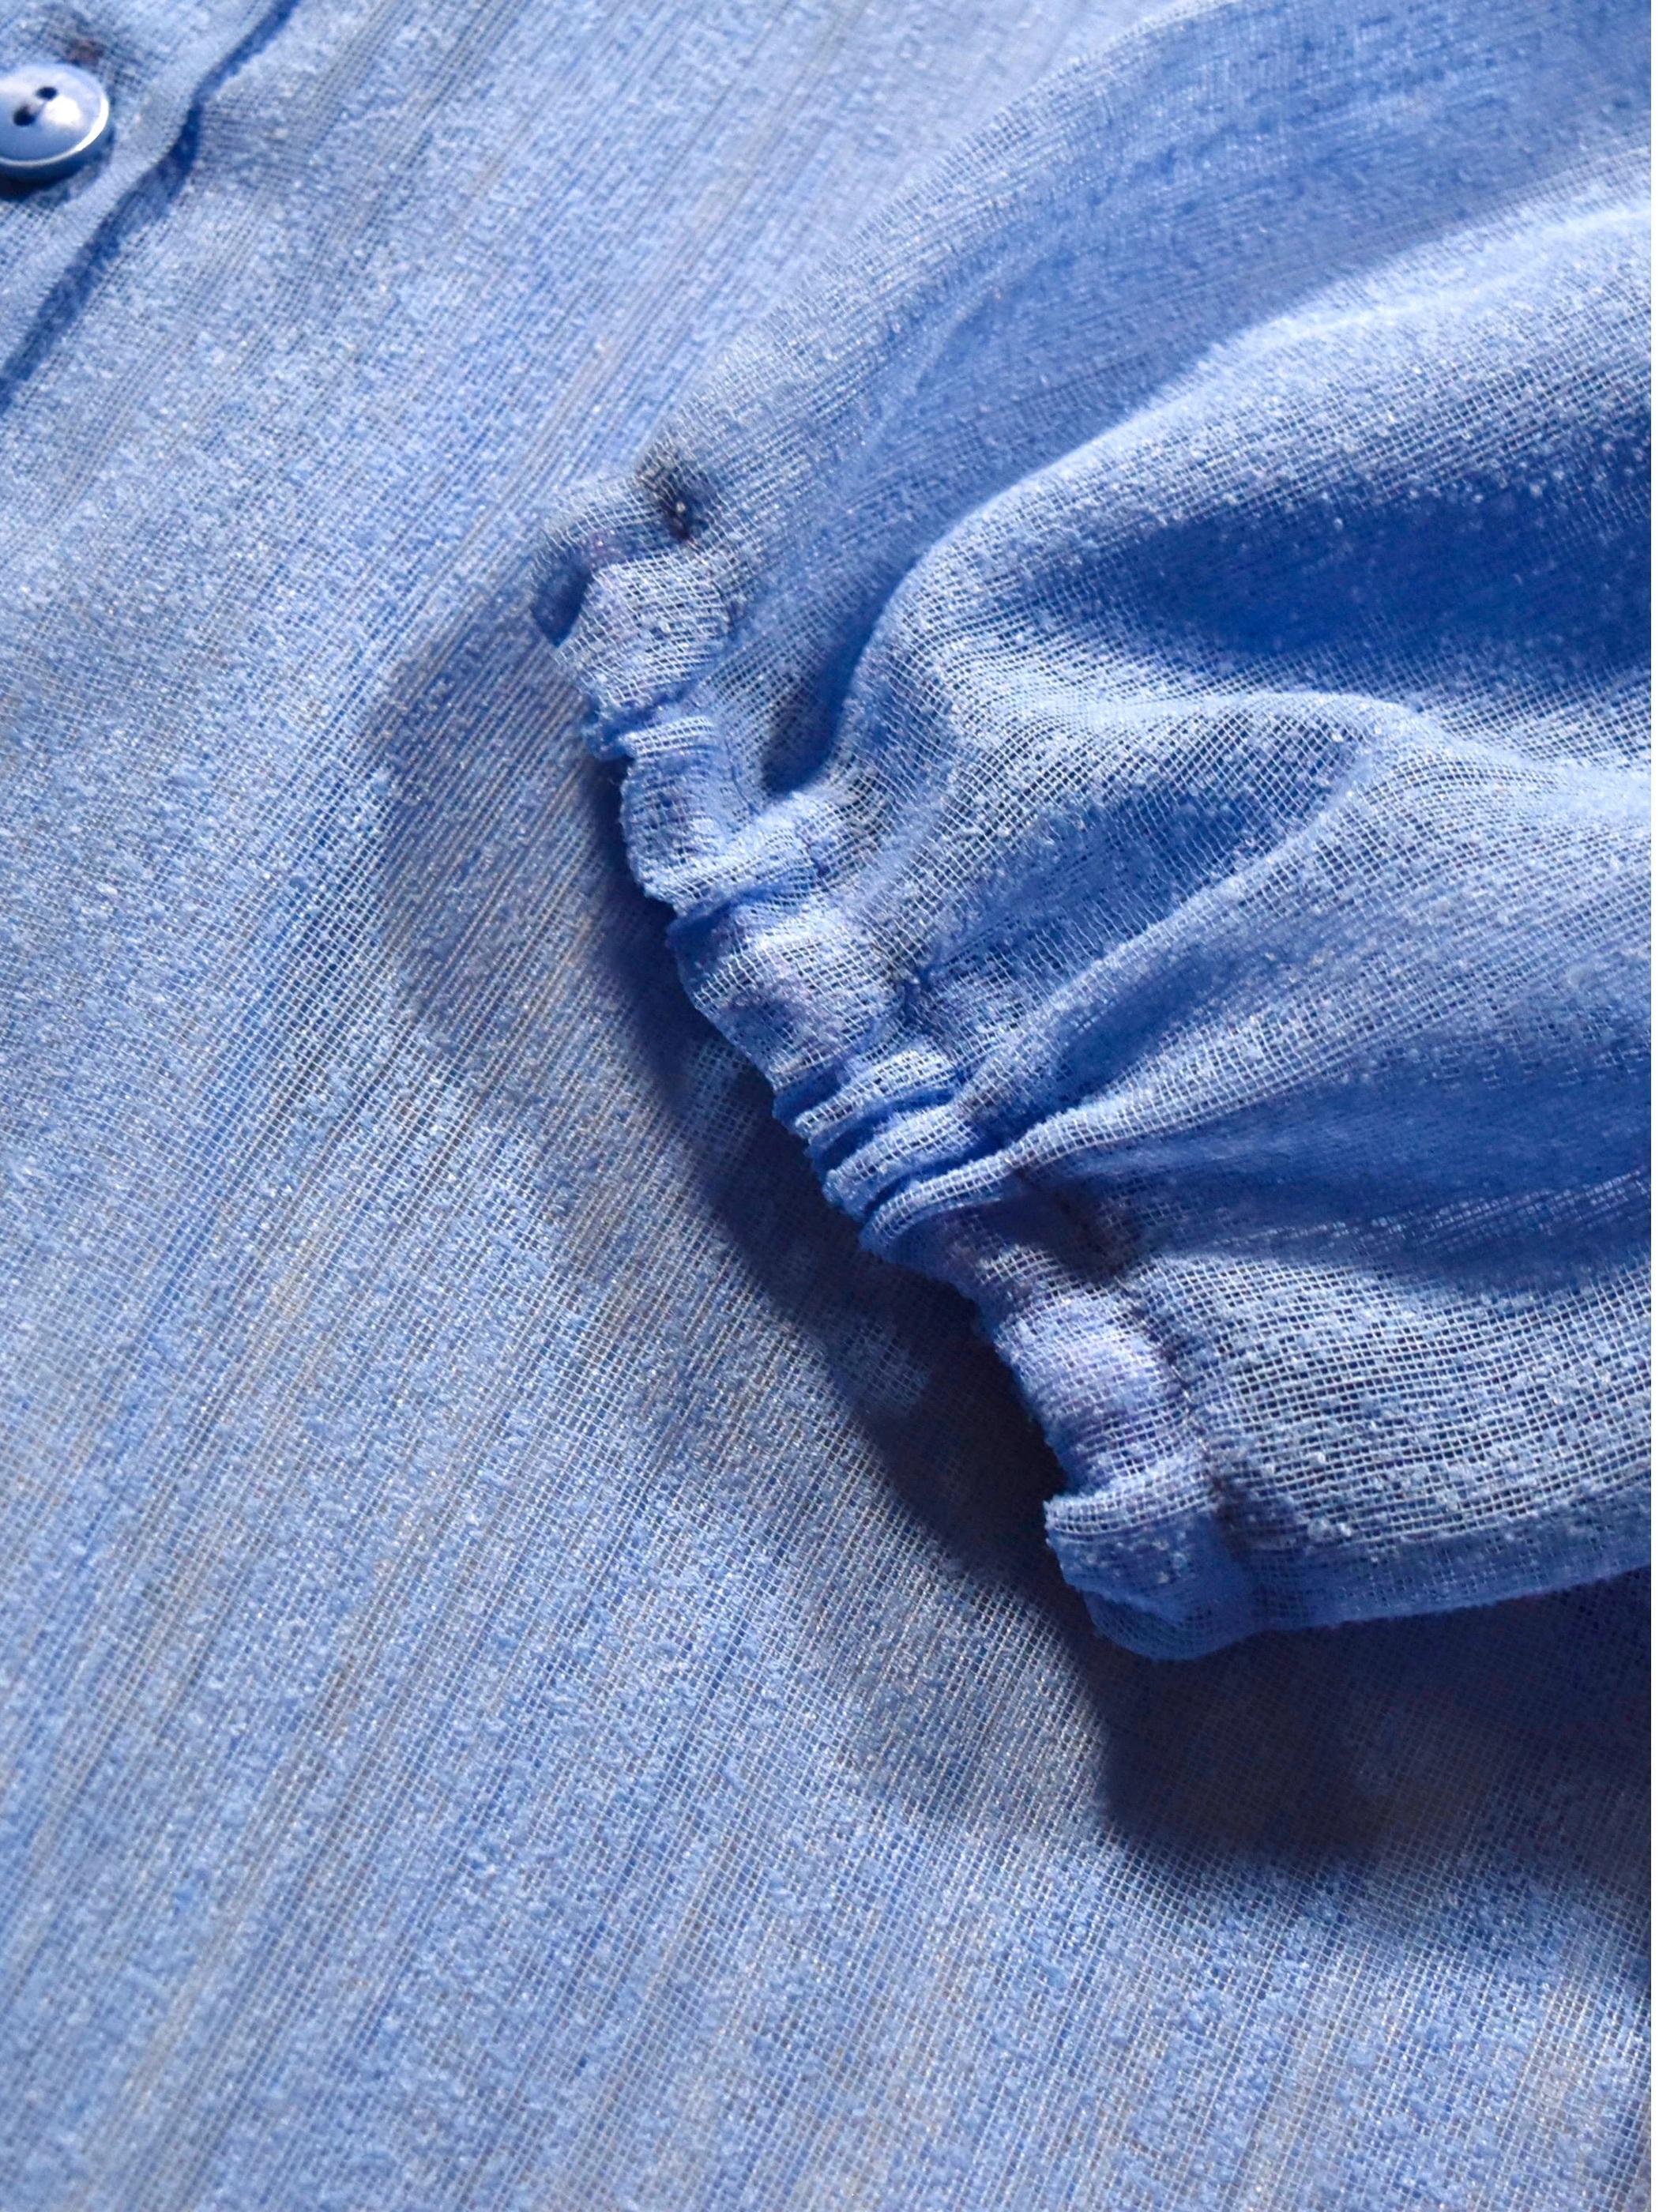 シースルー ロング シャツコート / see through long shirt coat